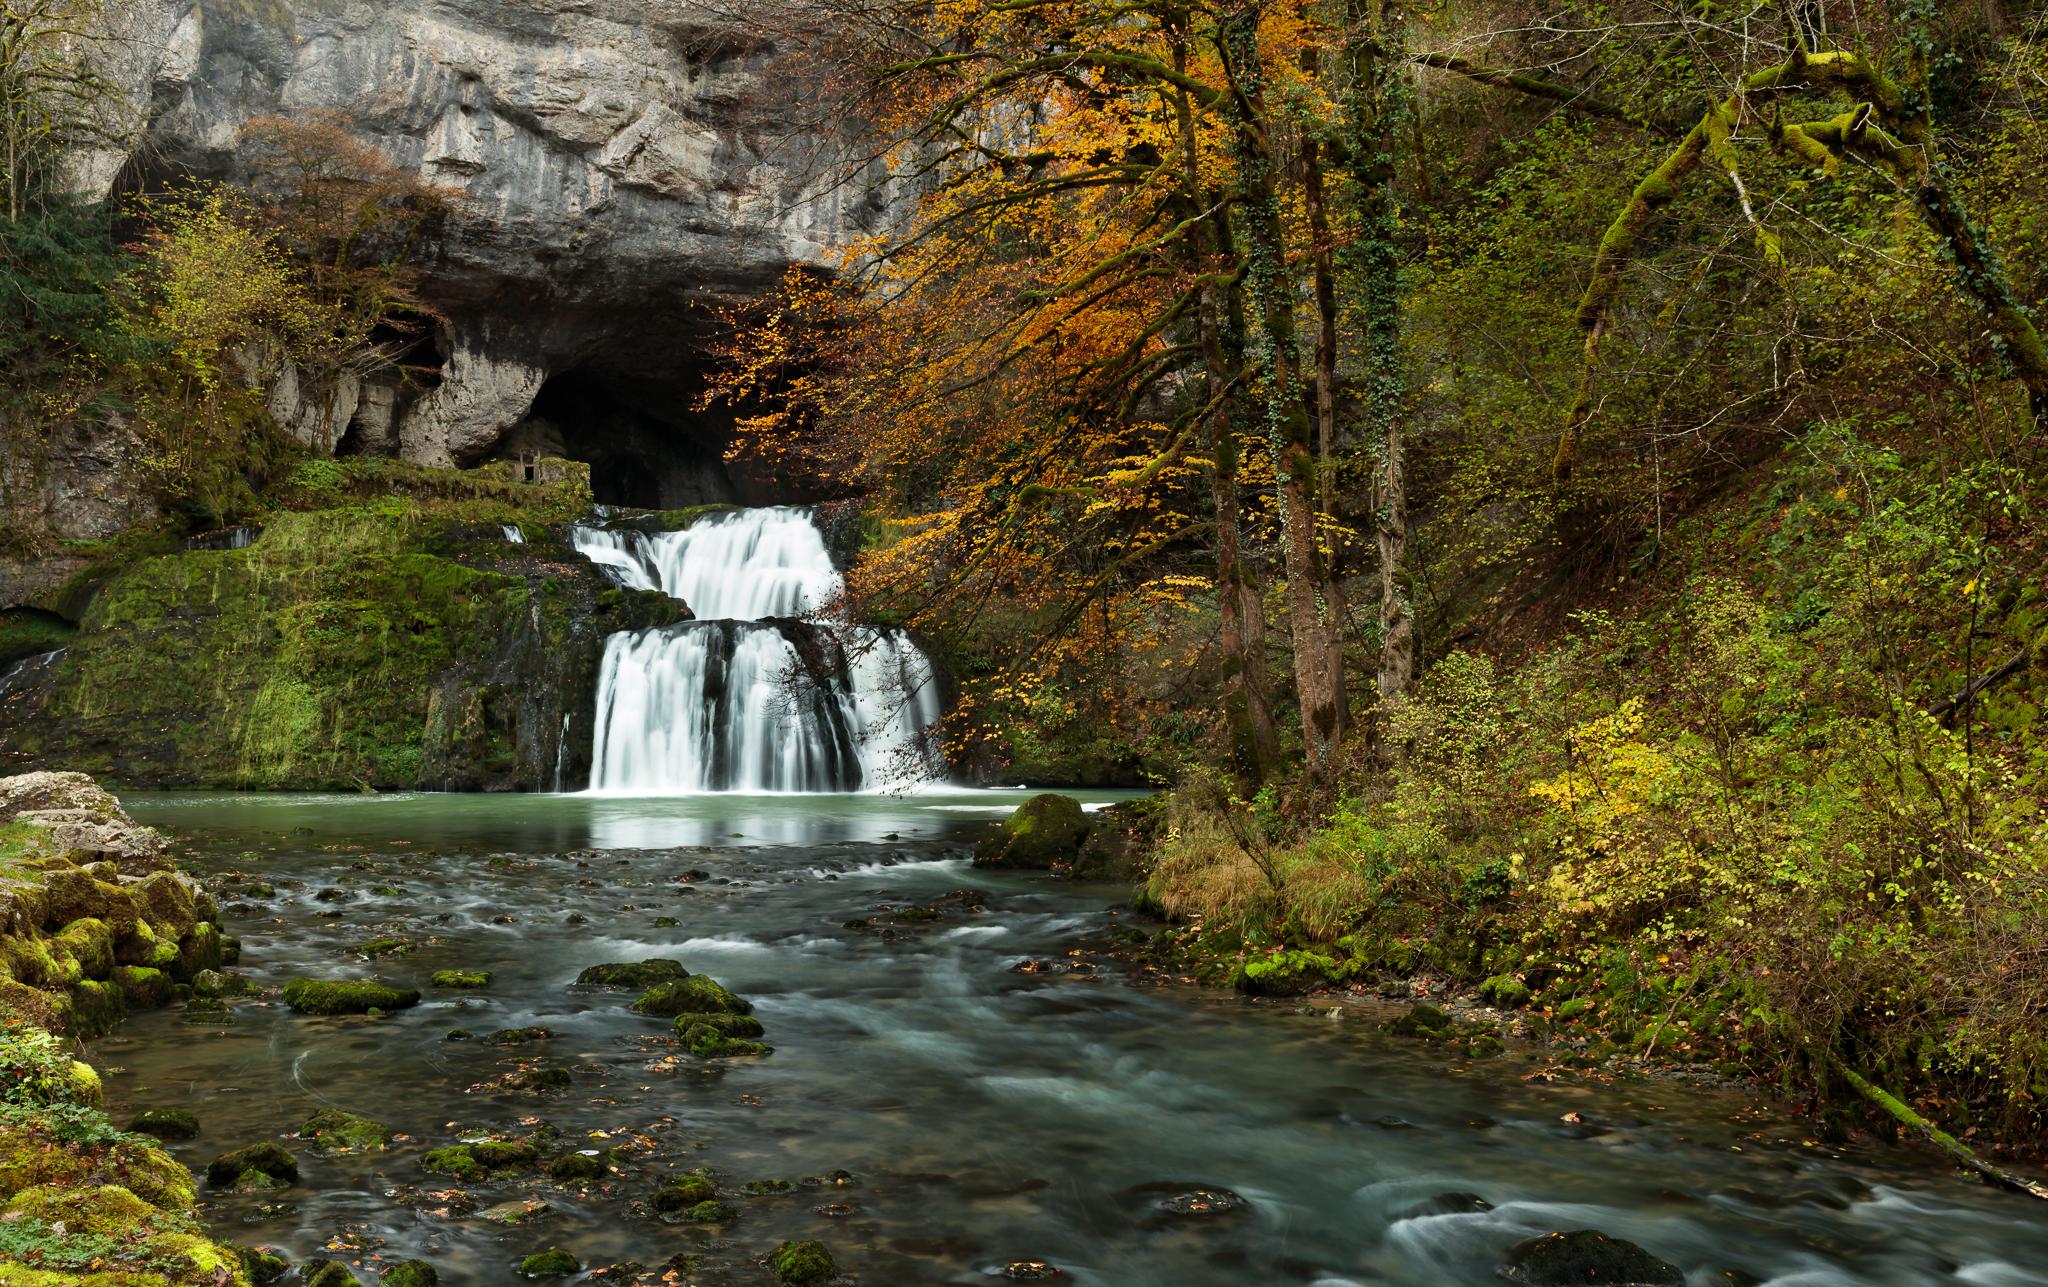 Cascade de la source du Lison, Jura, France, France